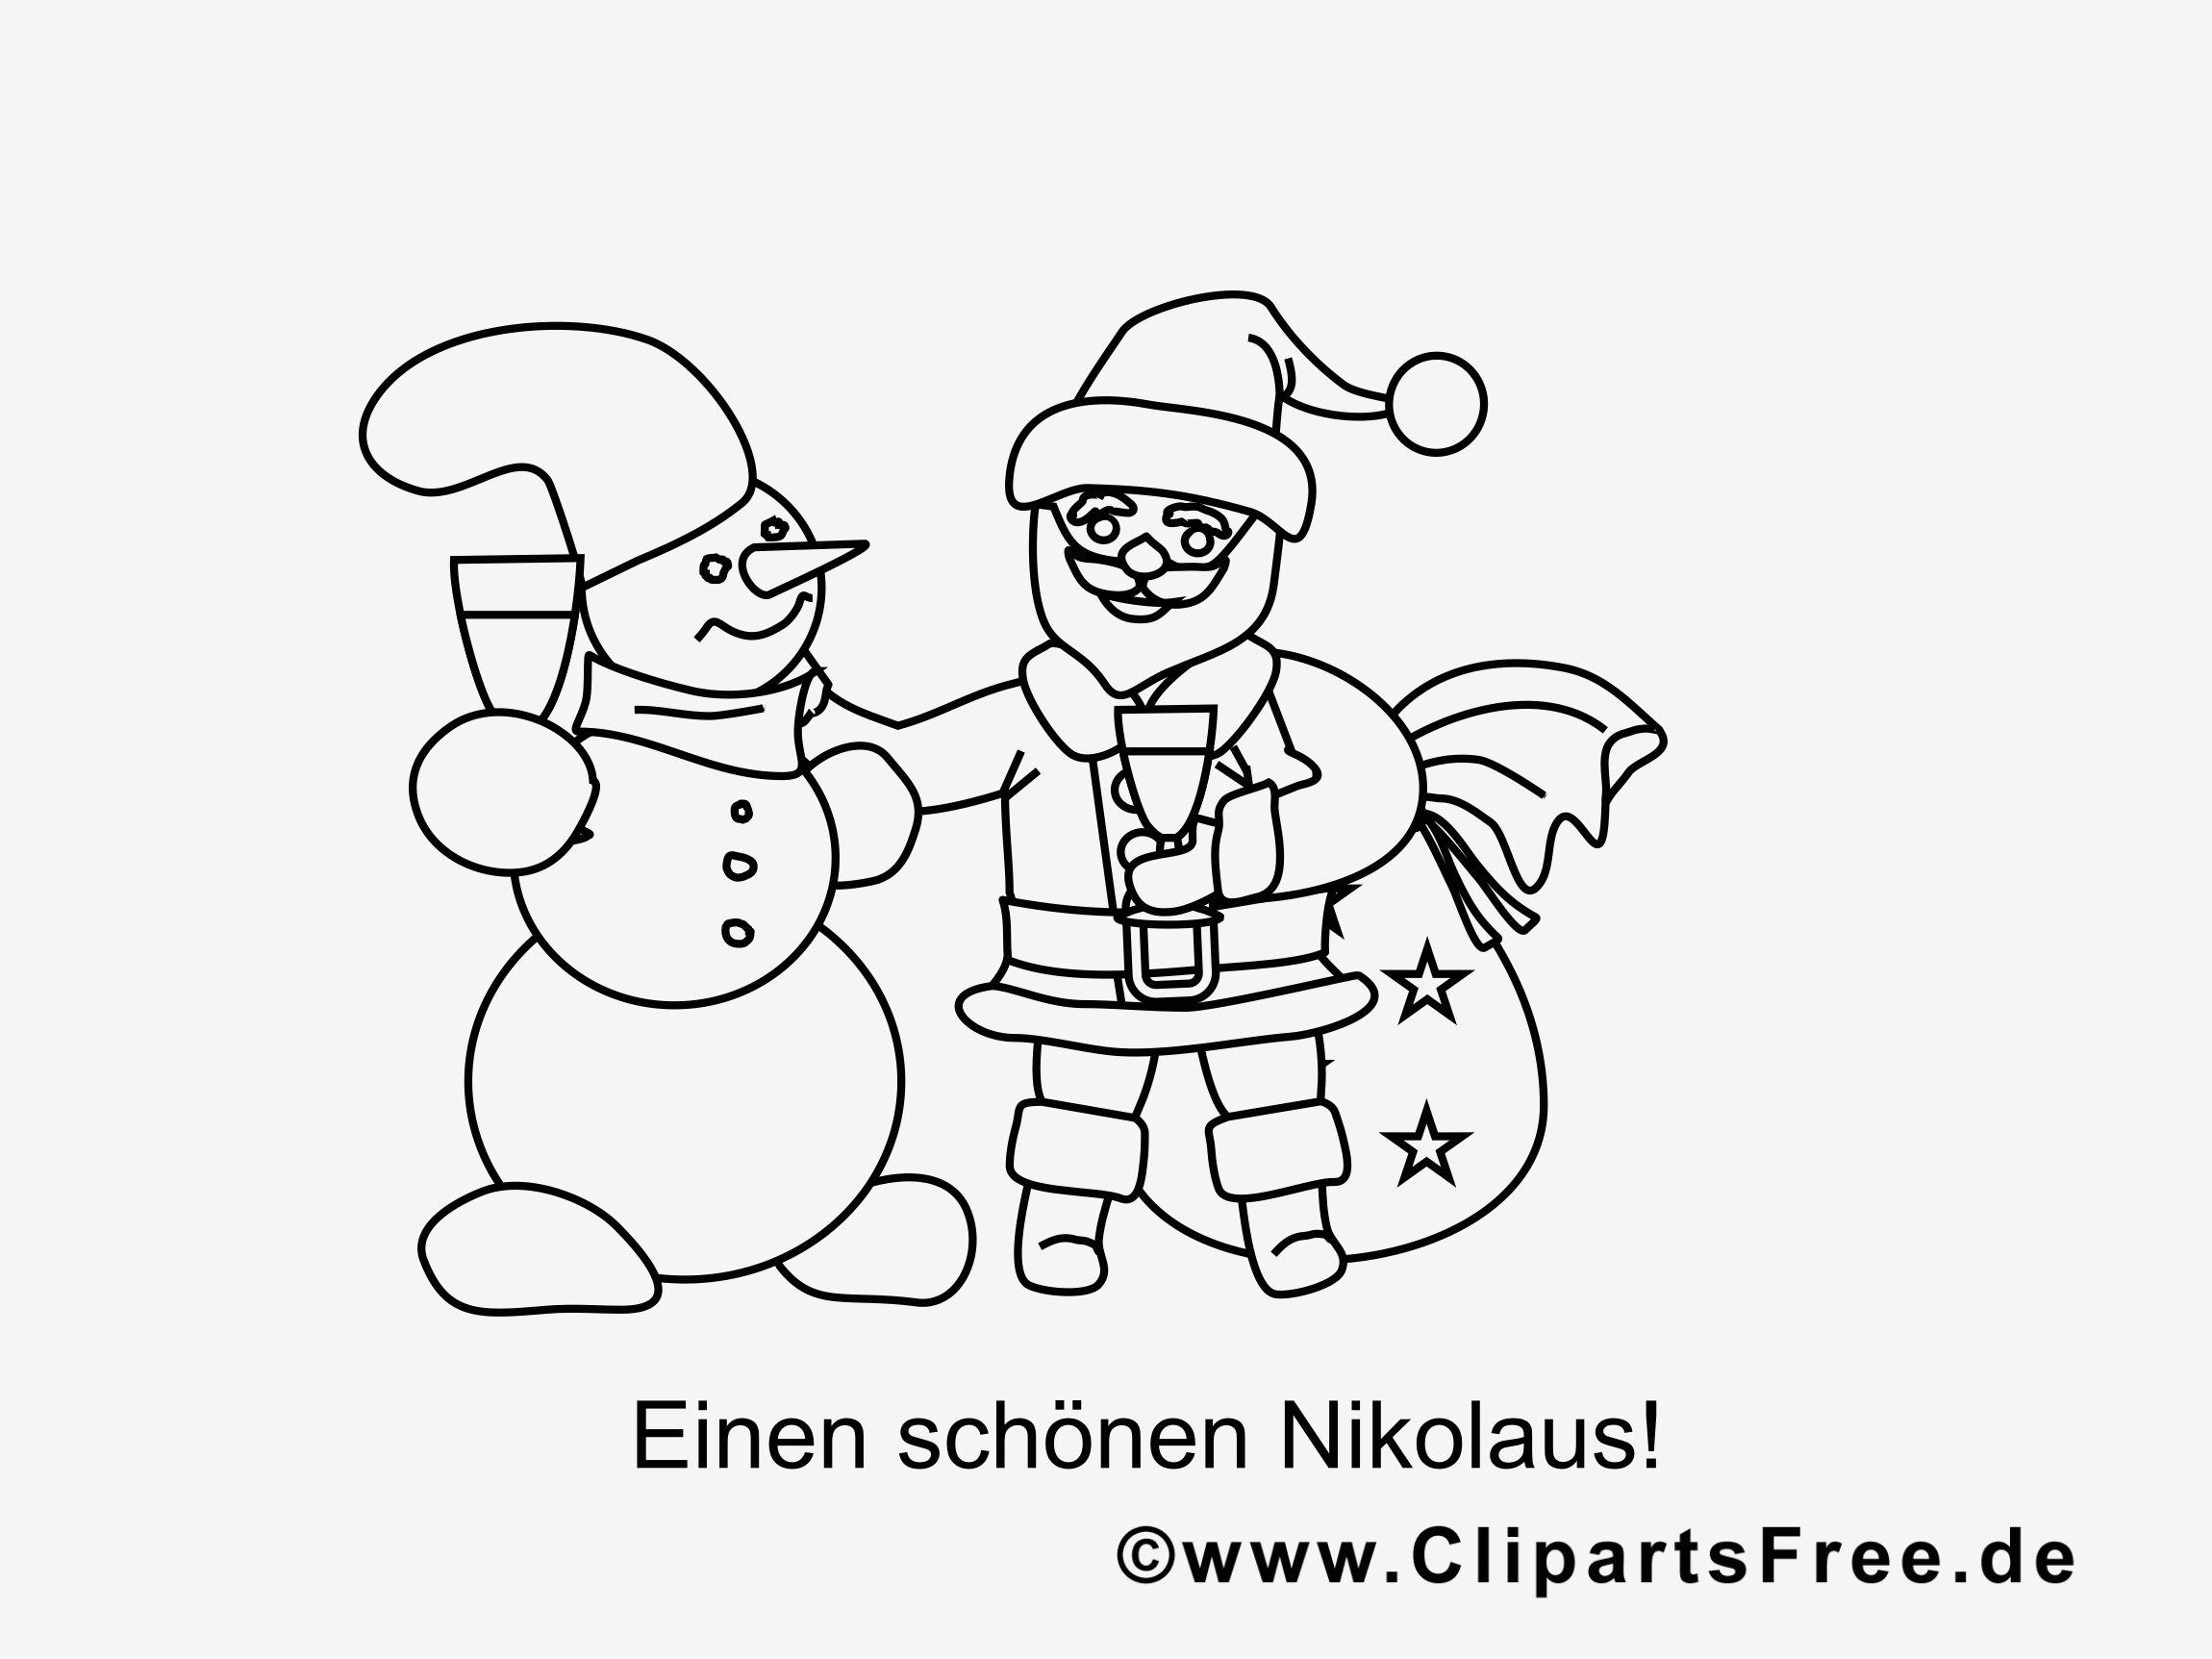 Ten Gut Malvorlage Nikolausstiefel Anschauung 21